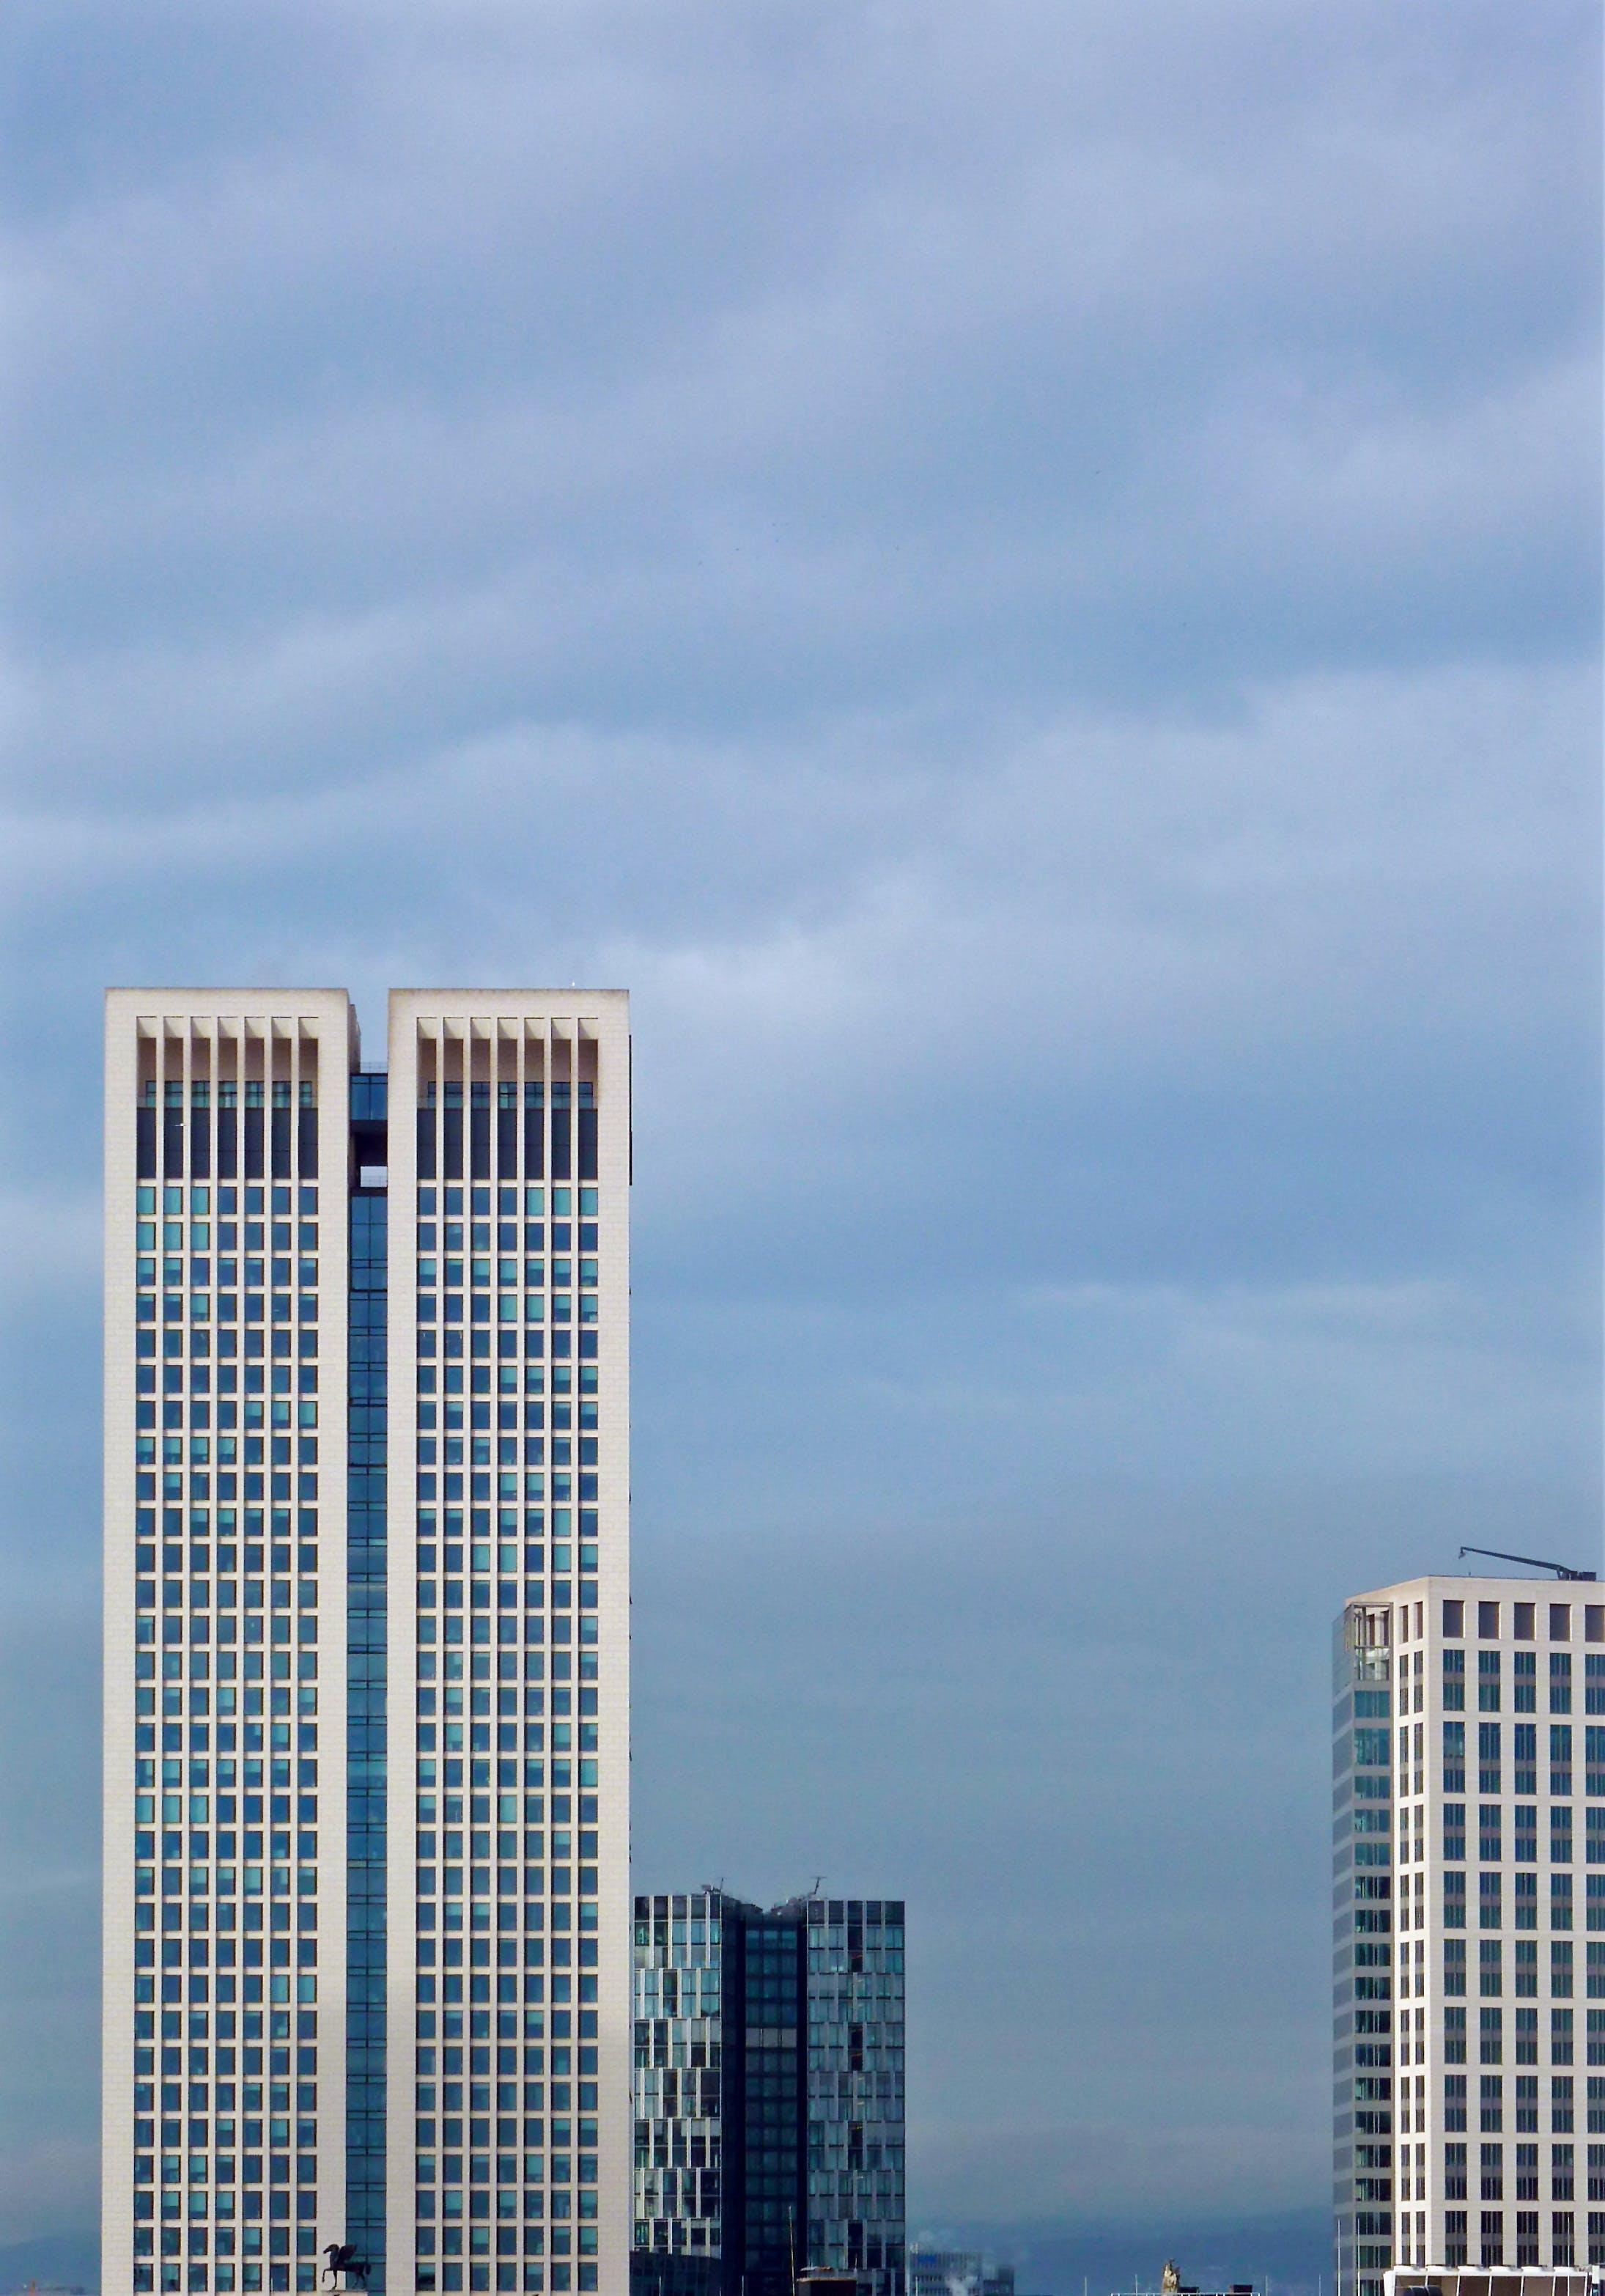 Fotos de stock gratuitas de alto, arquitectura, céntrico, ciudad